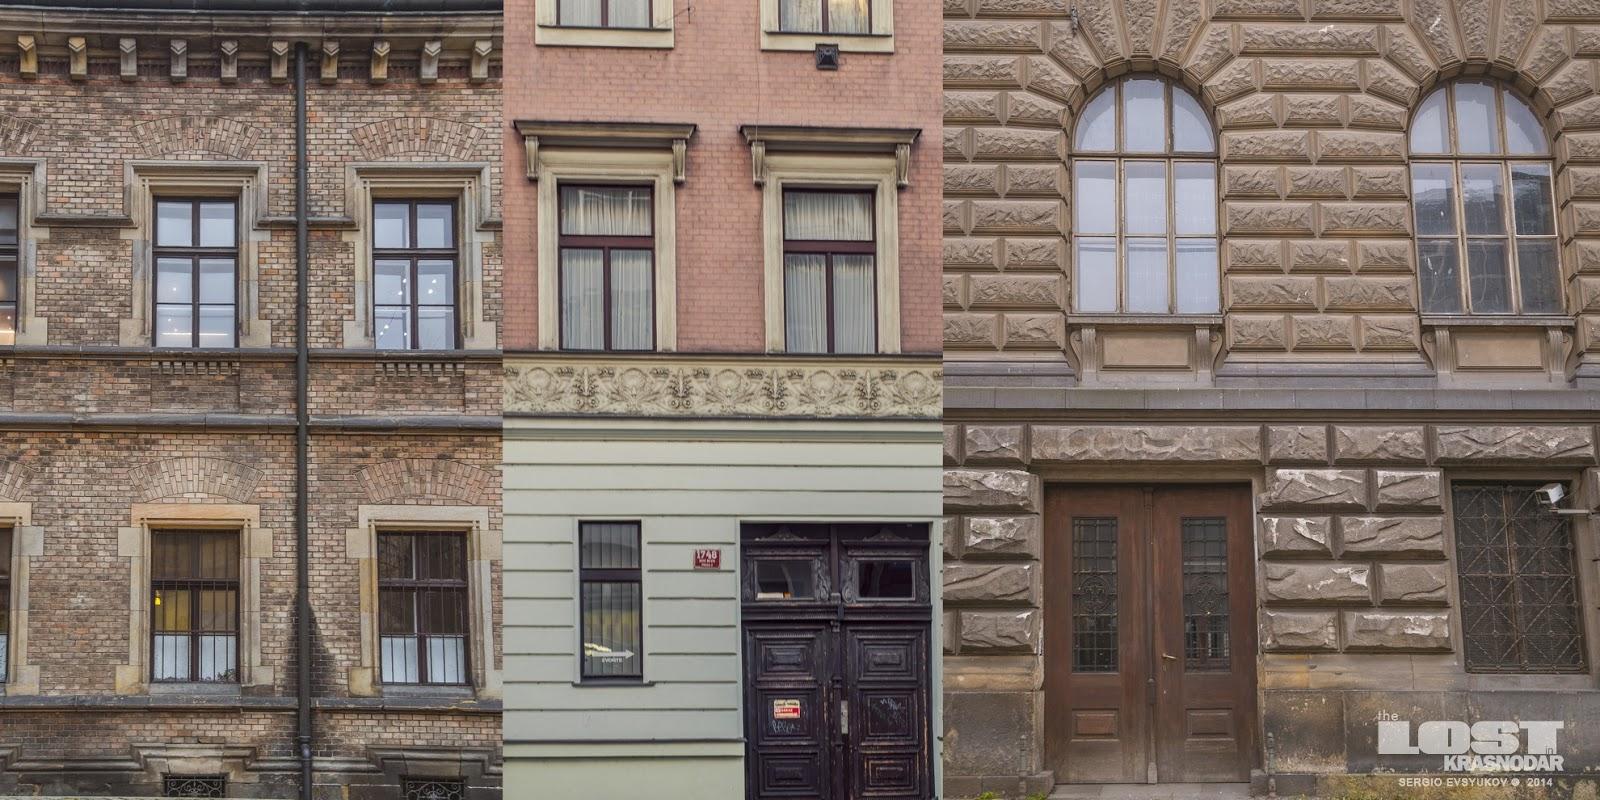 Prague facades